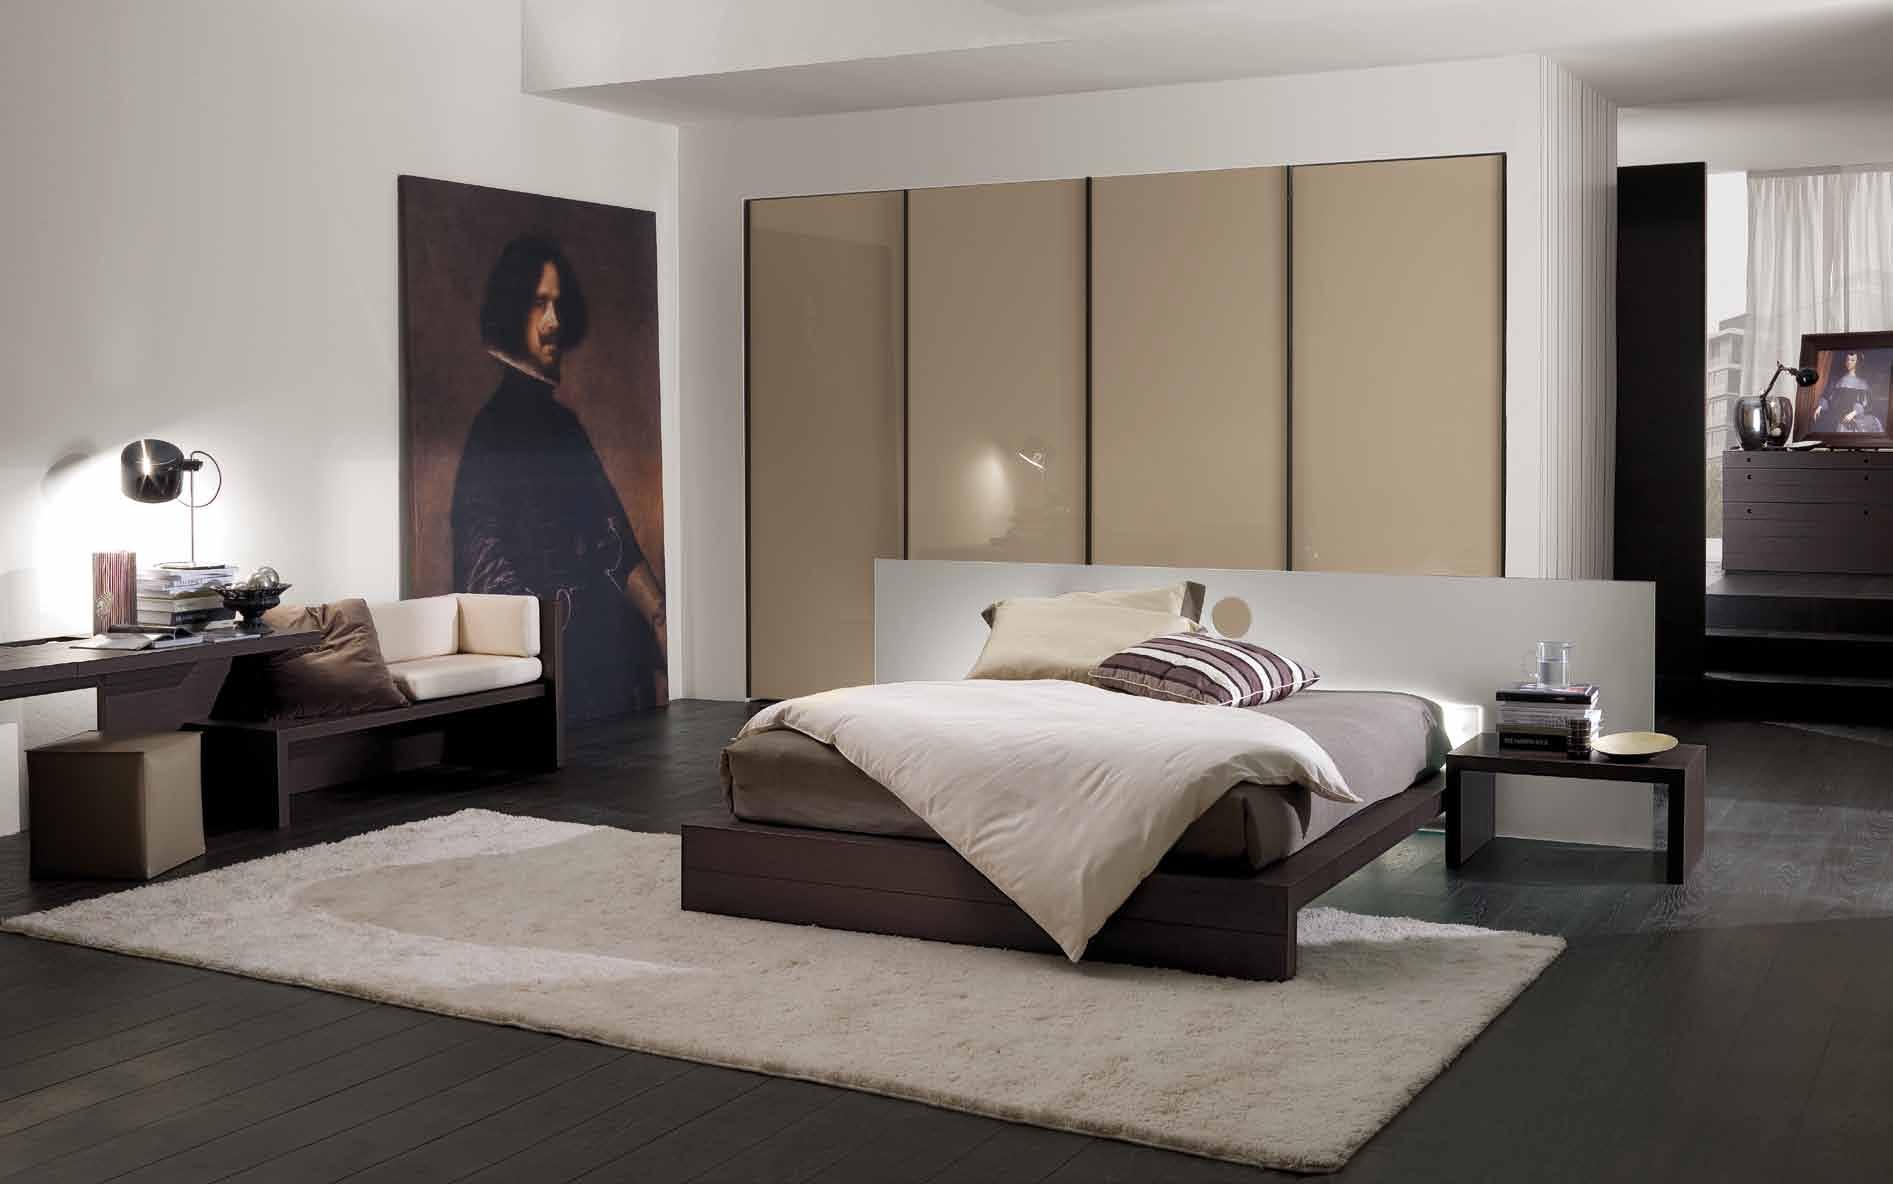 arkitektur-enkelt-design-værelses-moderne-små-designs-hjem-værelse-planner-udsmykning-ideer-design-interiør-din-egen-how-to-dekorere-soveværelser-dekorationer-temaer-cool-værelses-designer- online